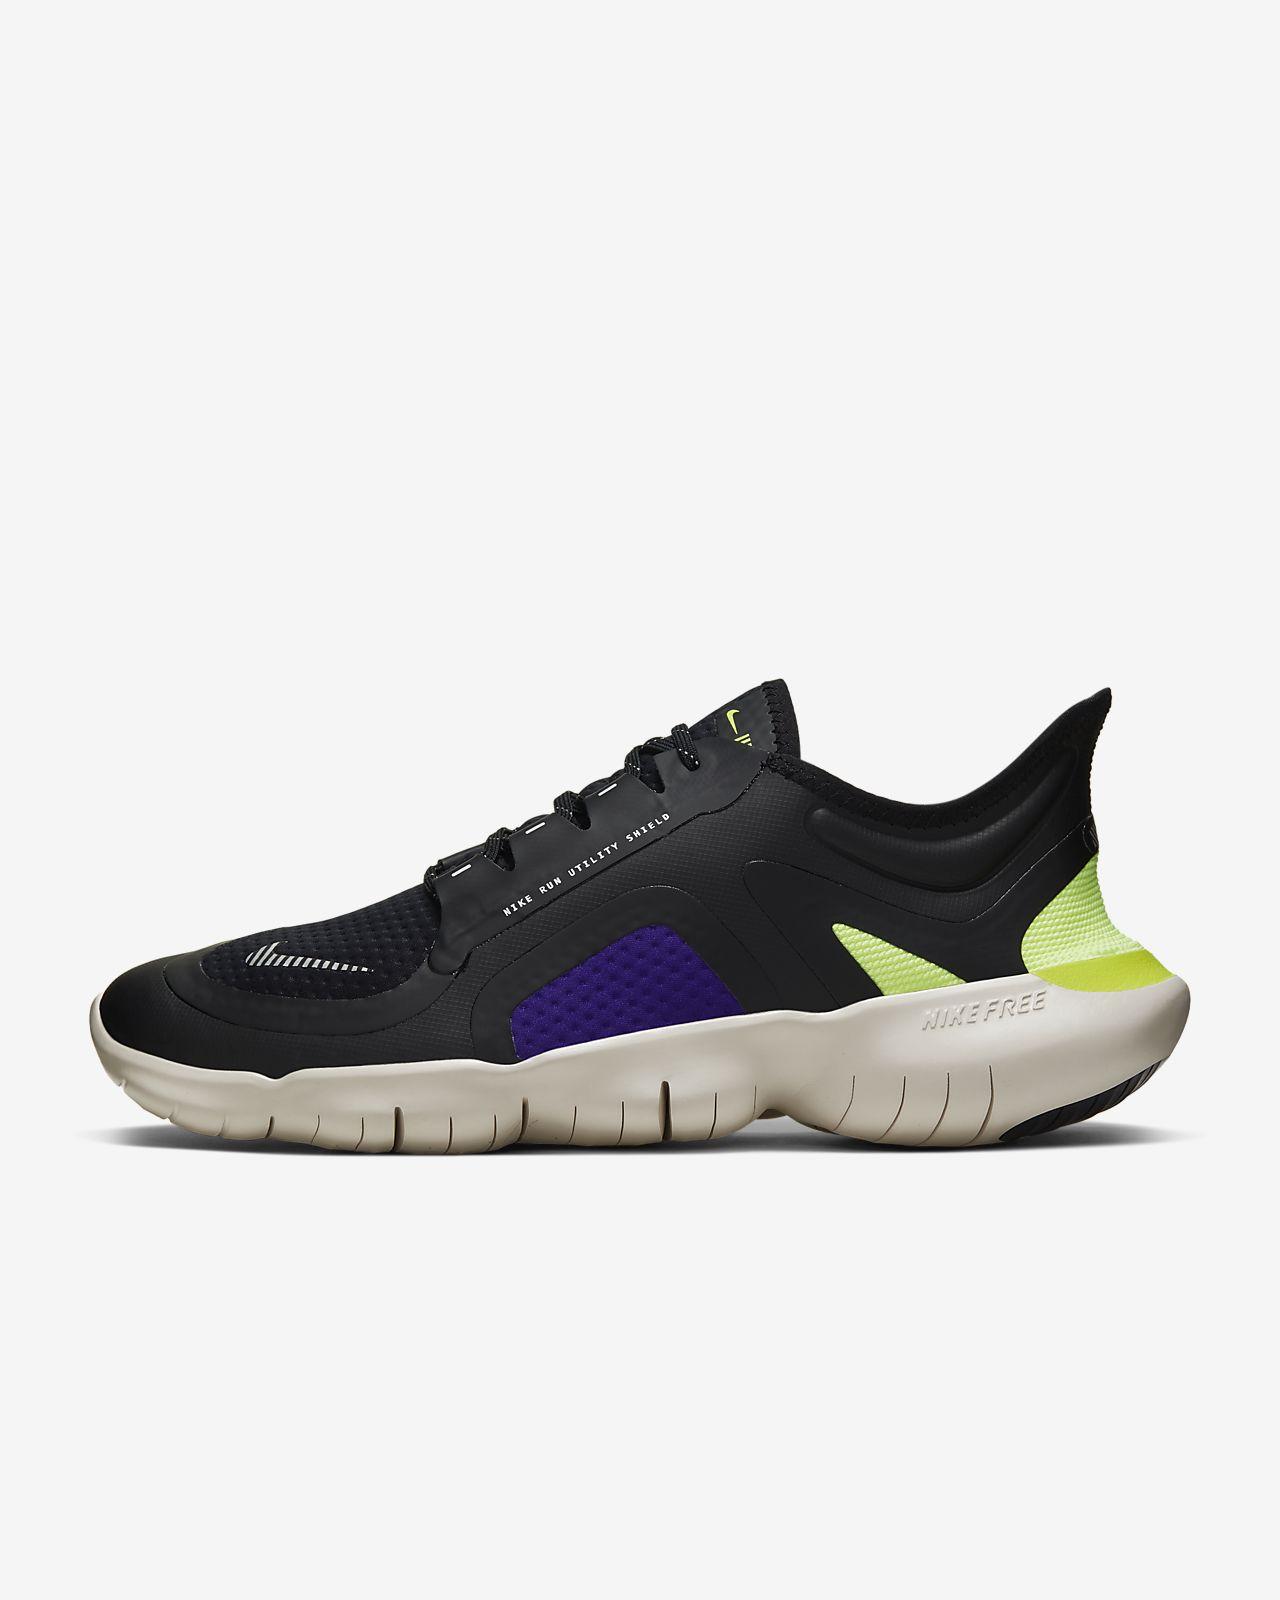 Męskie buty do biegania Nike Free RN 5.0 Shield